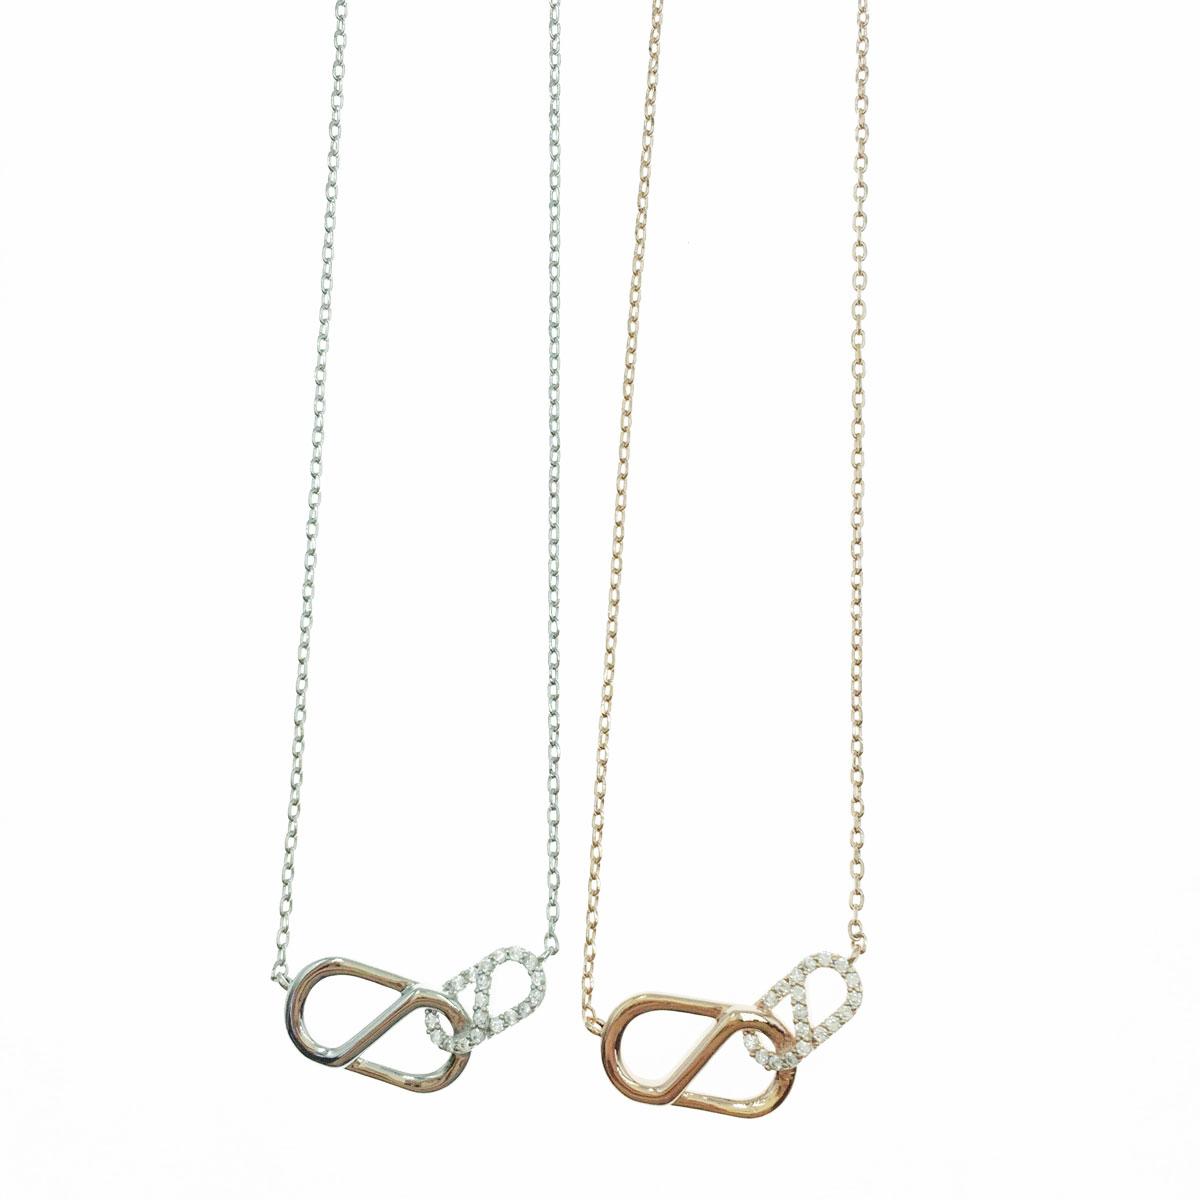 韓國 水鑽 造型 銀 玫瑰金 明星款飾品 短鍊 項鍊